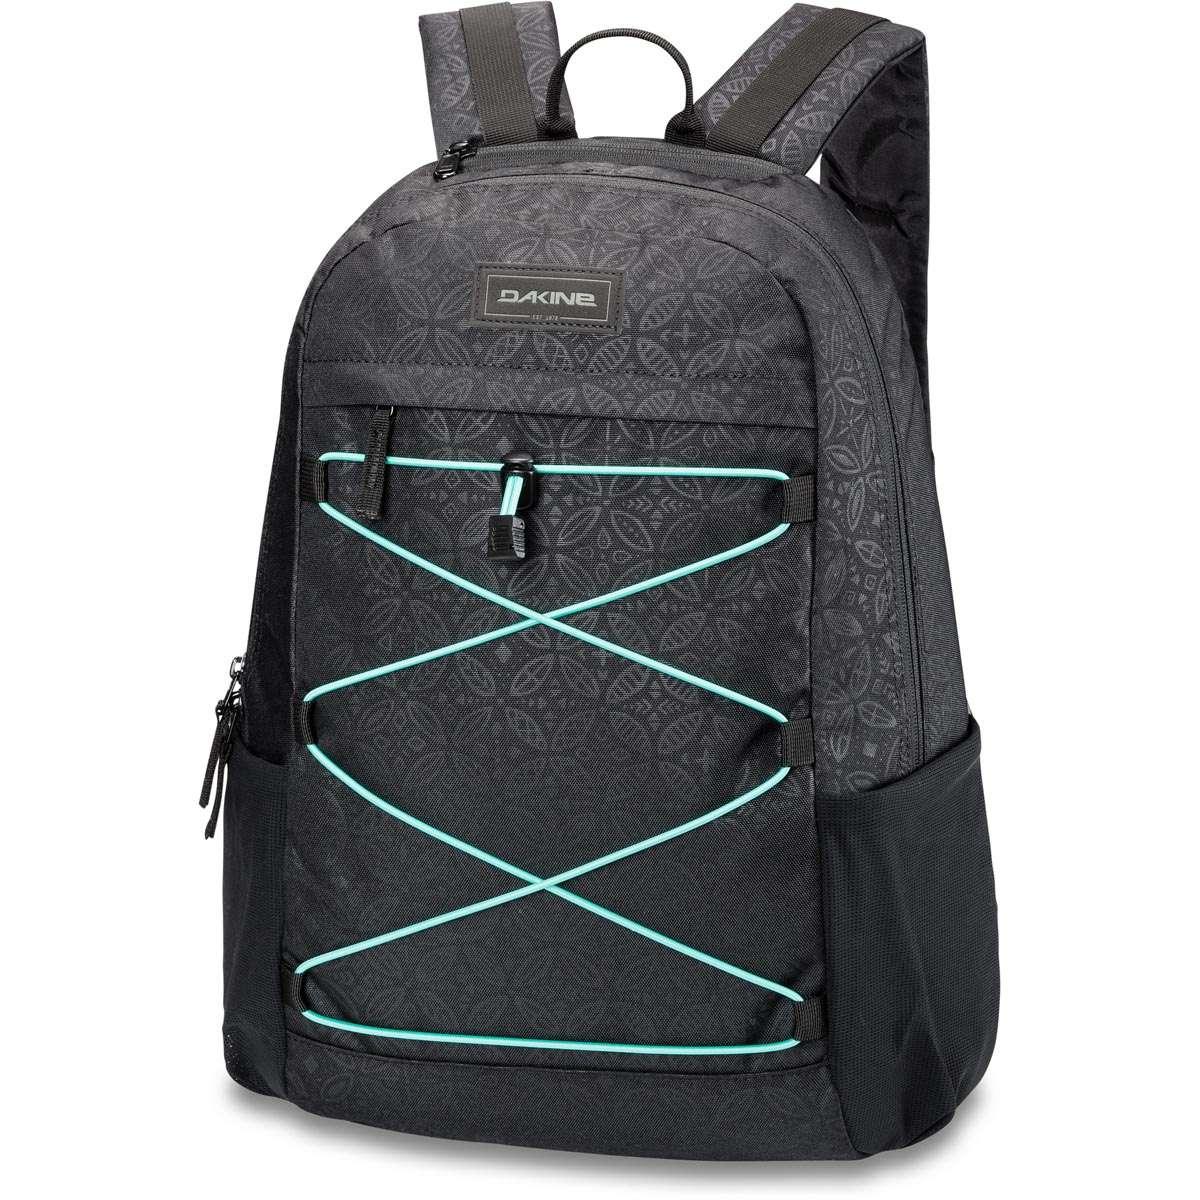 287c5620dbe0f Dakine Wonder 22L Backpack Tory